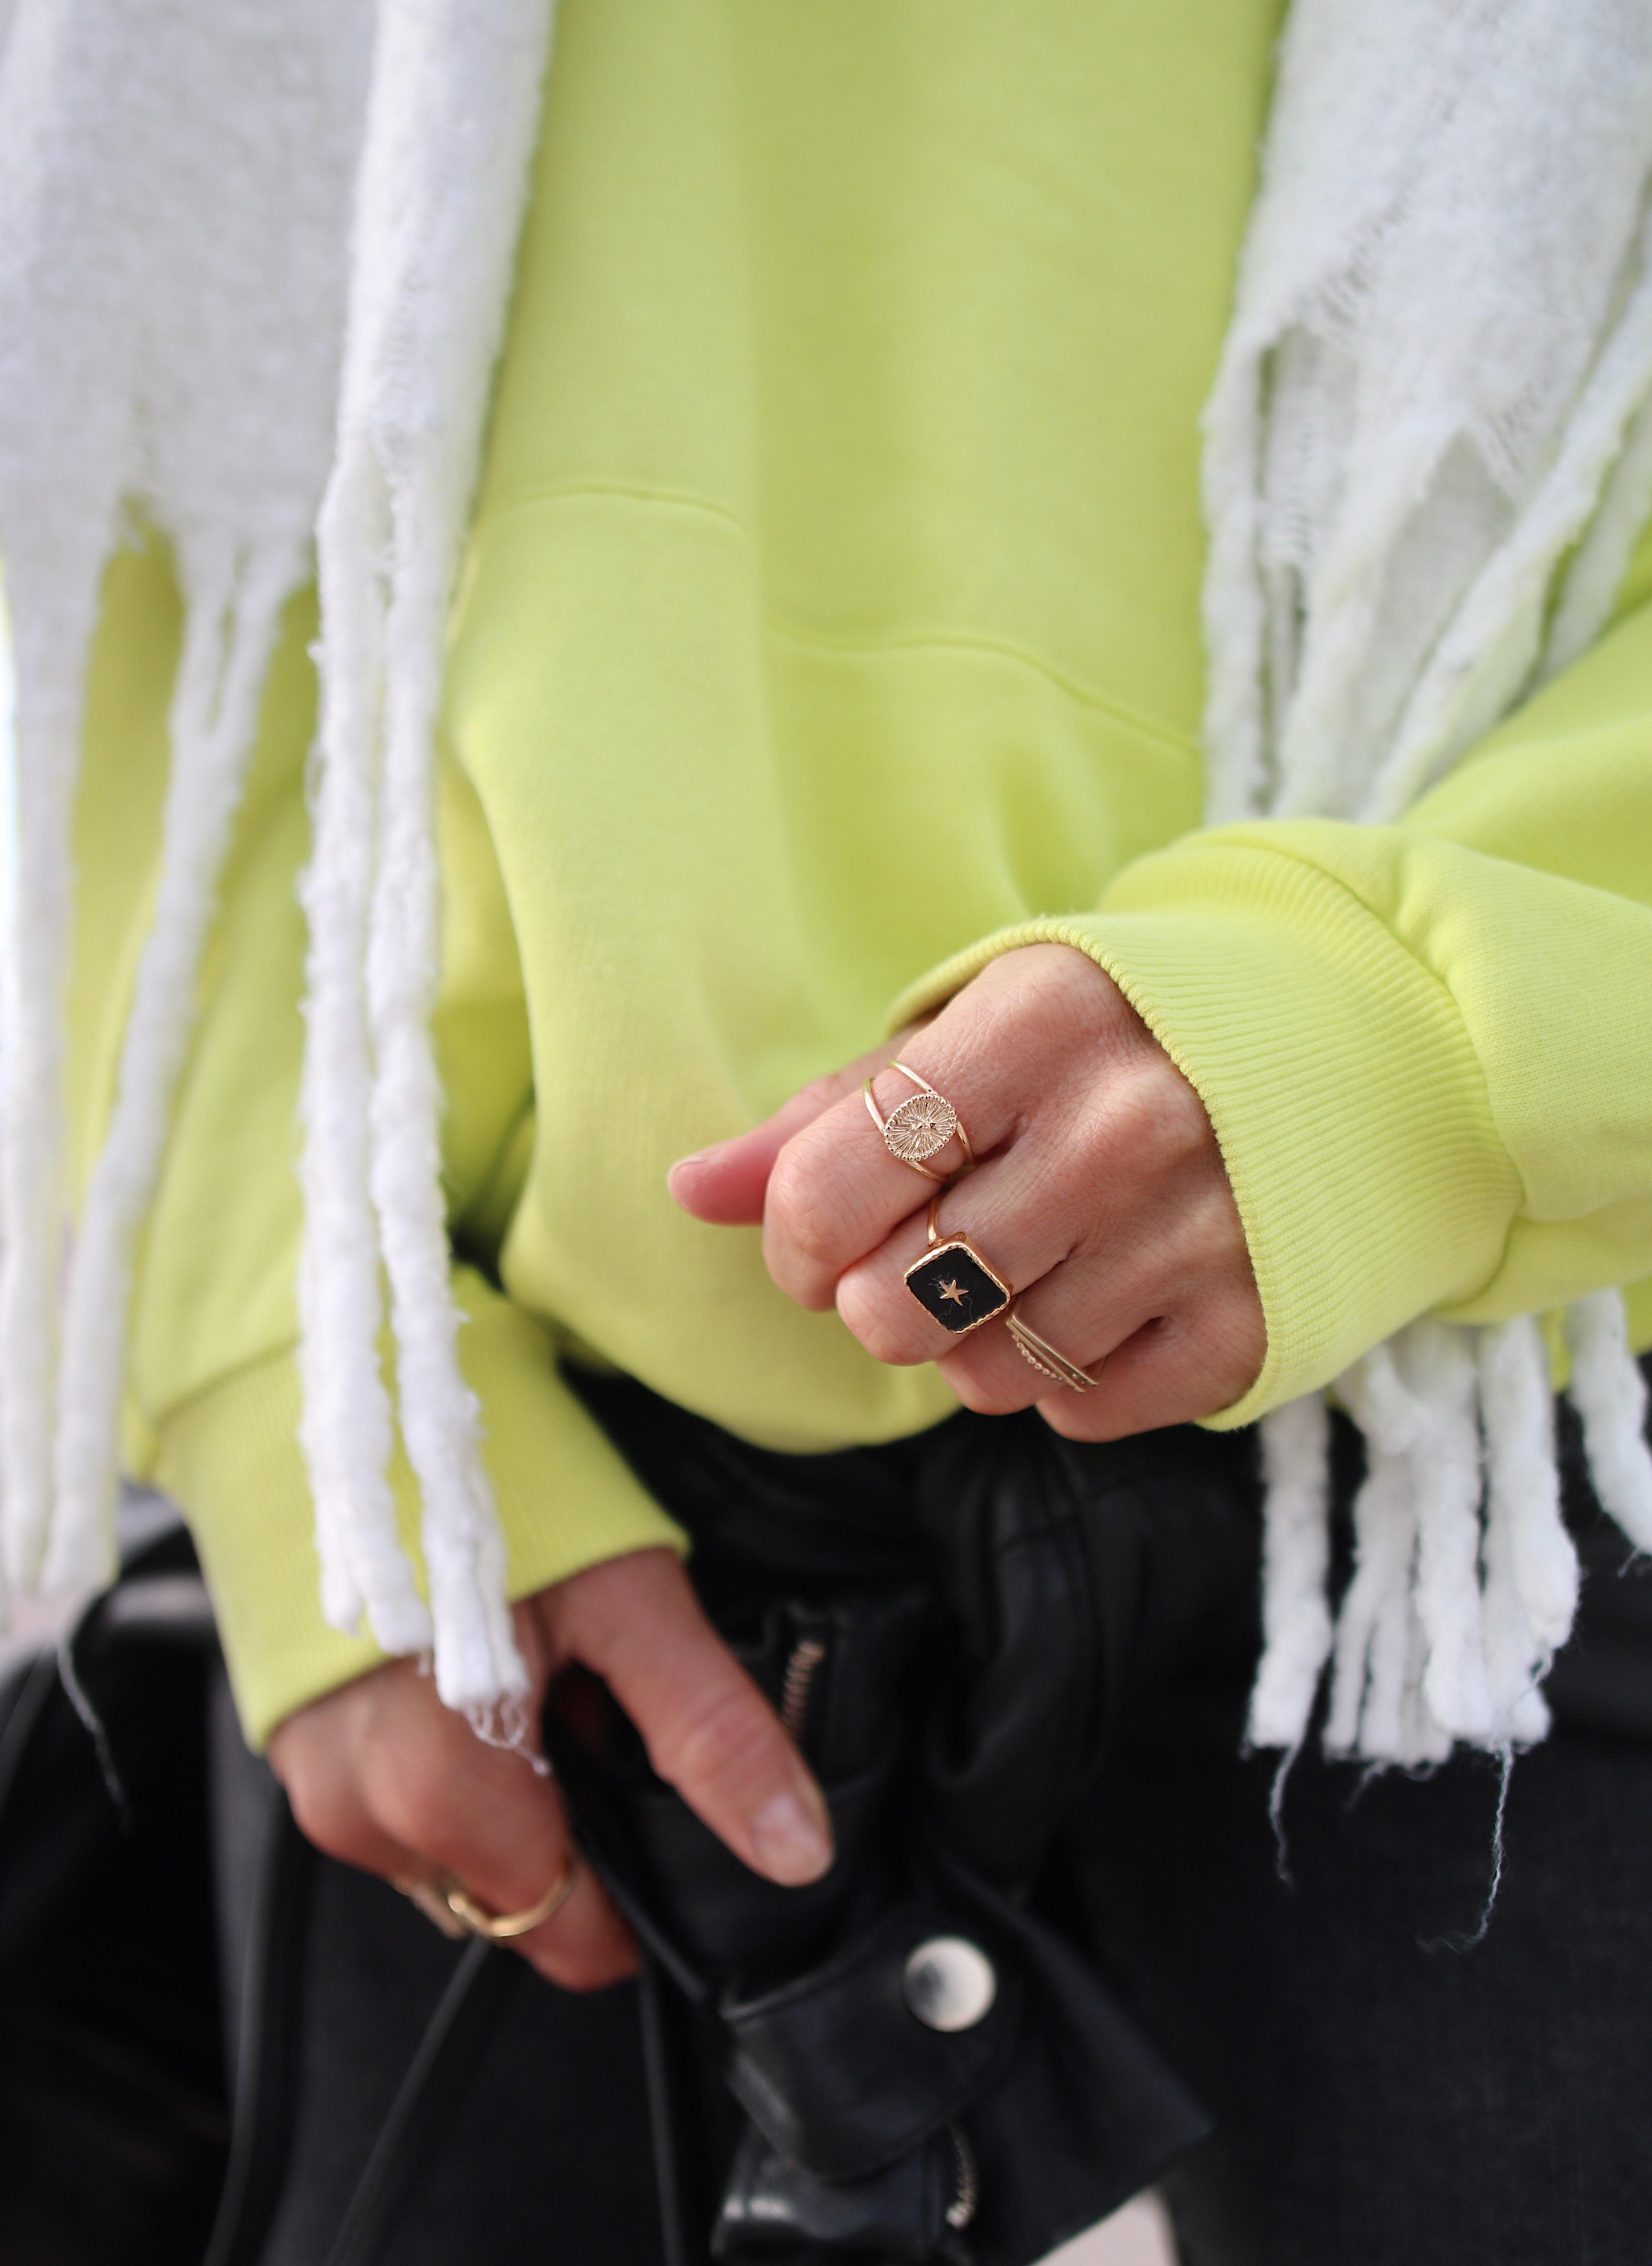 BLACK & YELLOW - Chon & CHON - www.chonandchon.com - total look noir et sweat fluo, black outfit, black style, look noir, porter du noir et des bottines, hoodie fluo, neon hoodie